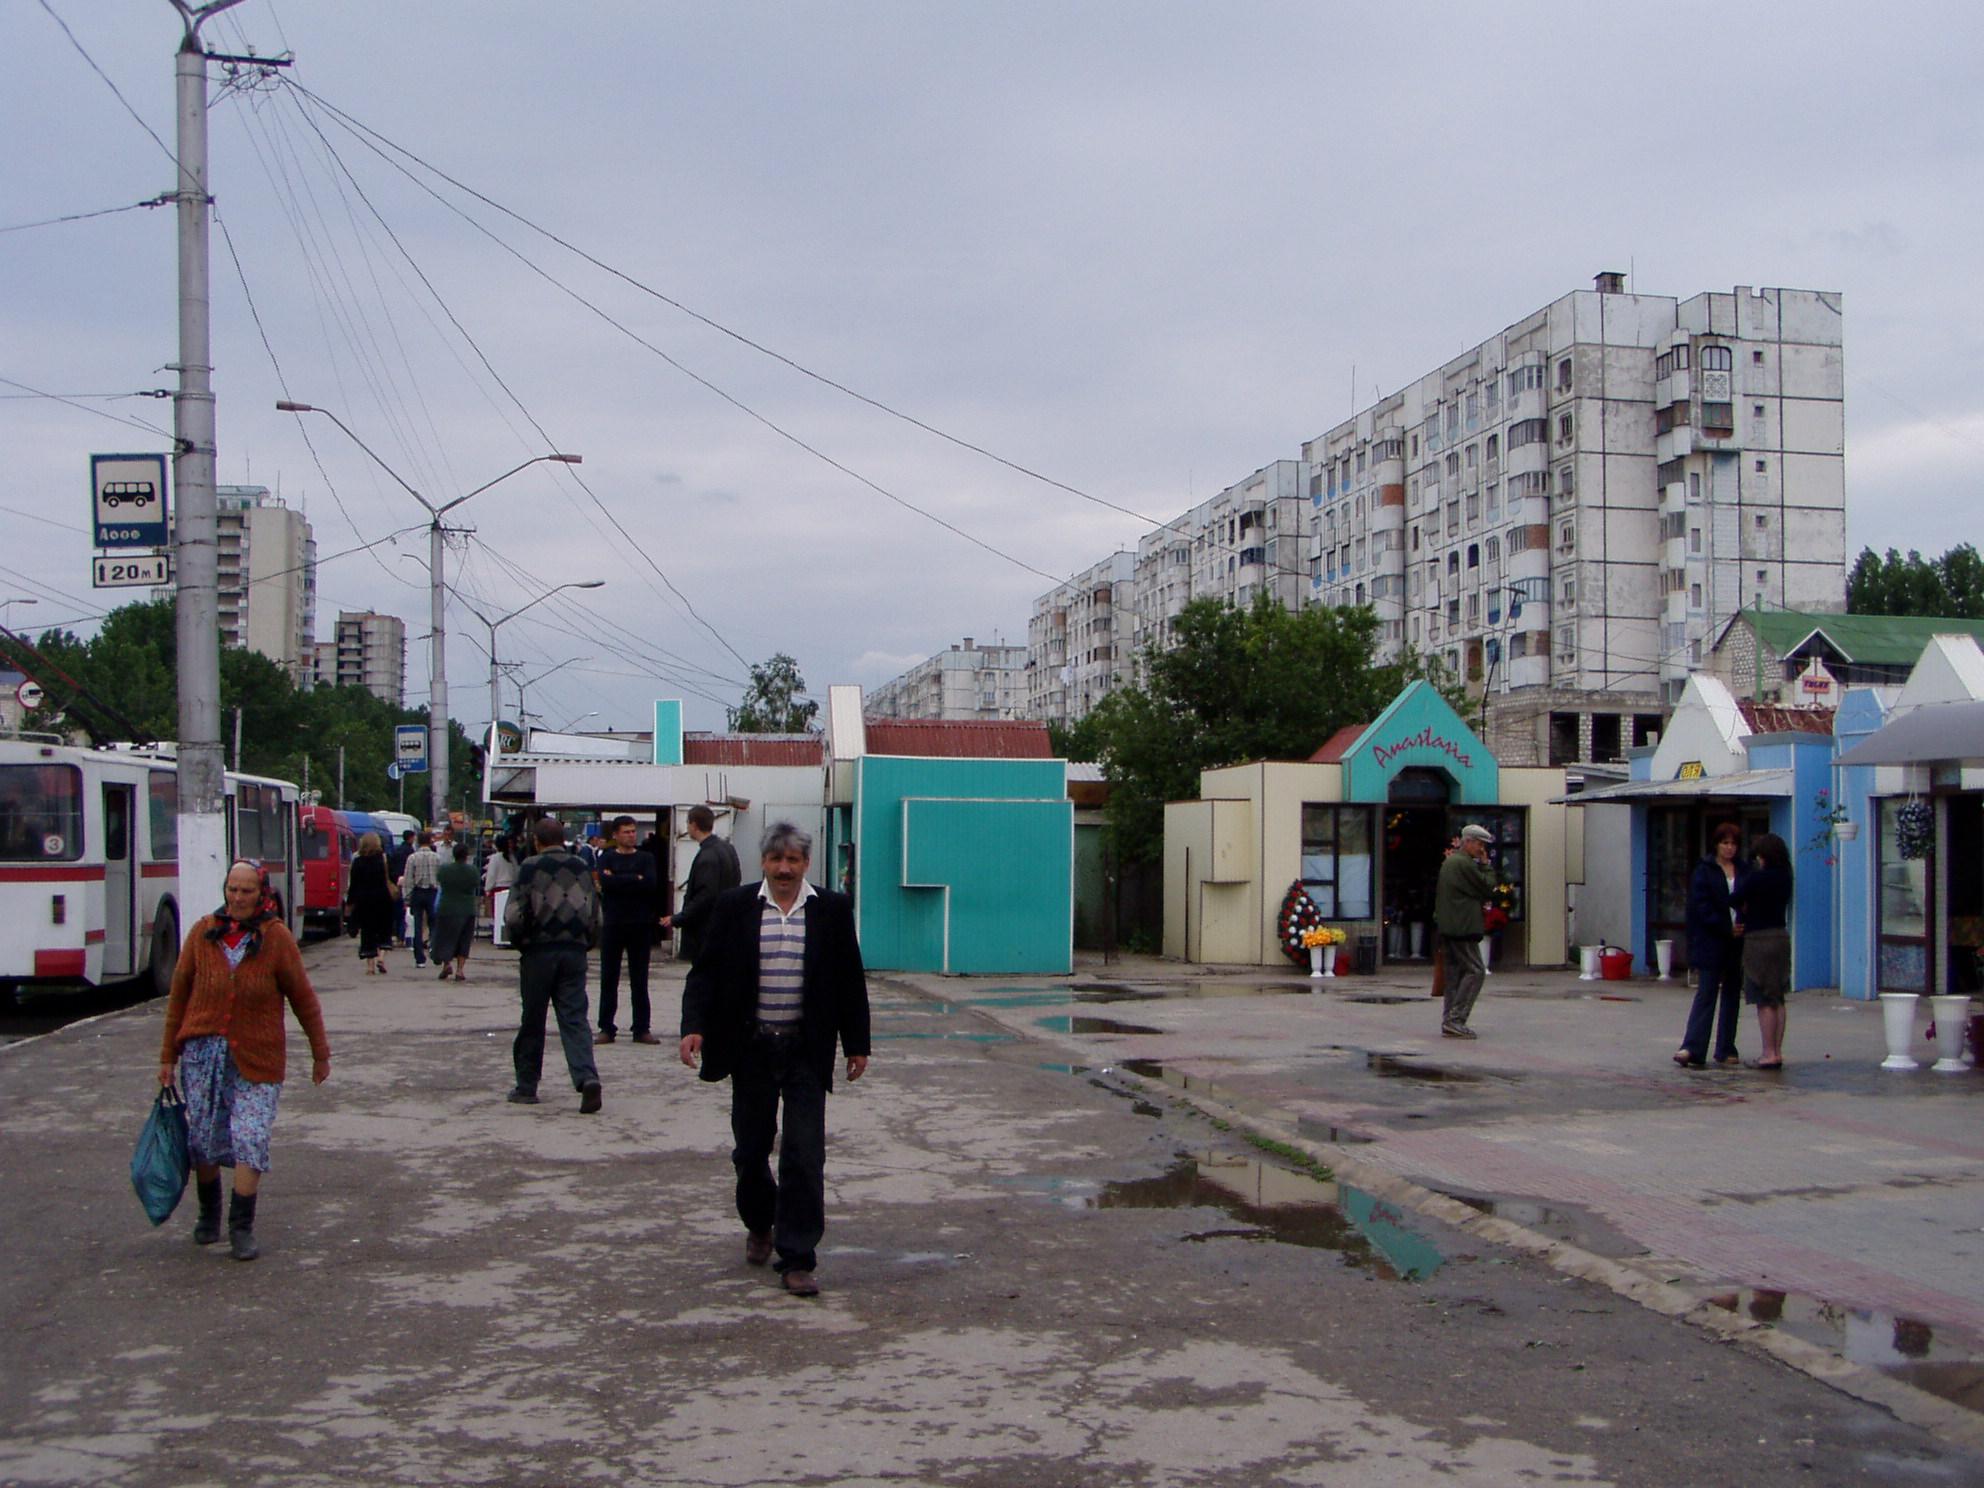 Balti Moldova  city photo : 住宅地が並んでいるバス・ターミナルの周辺の ...